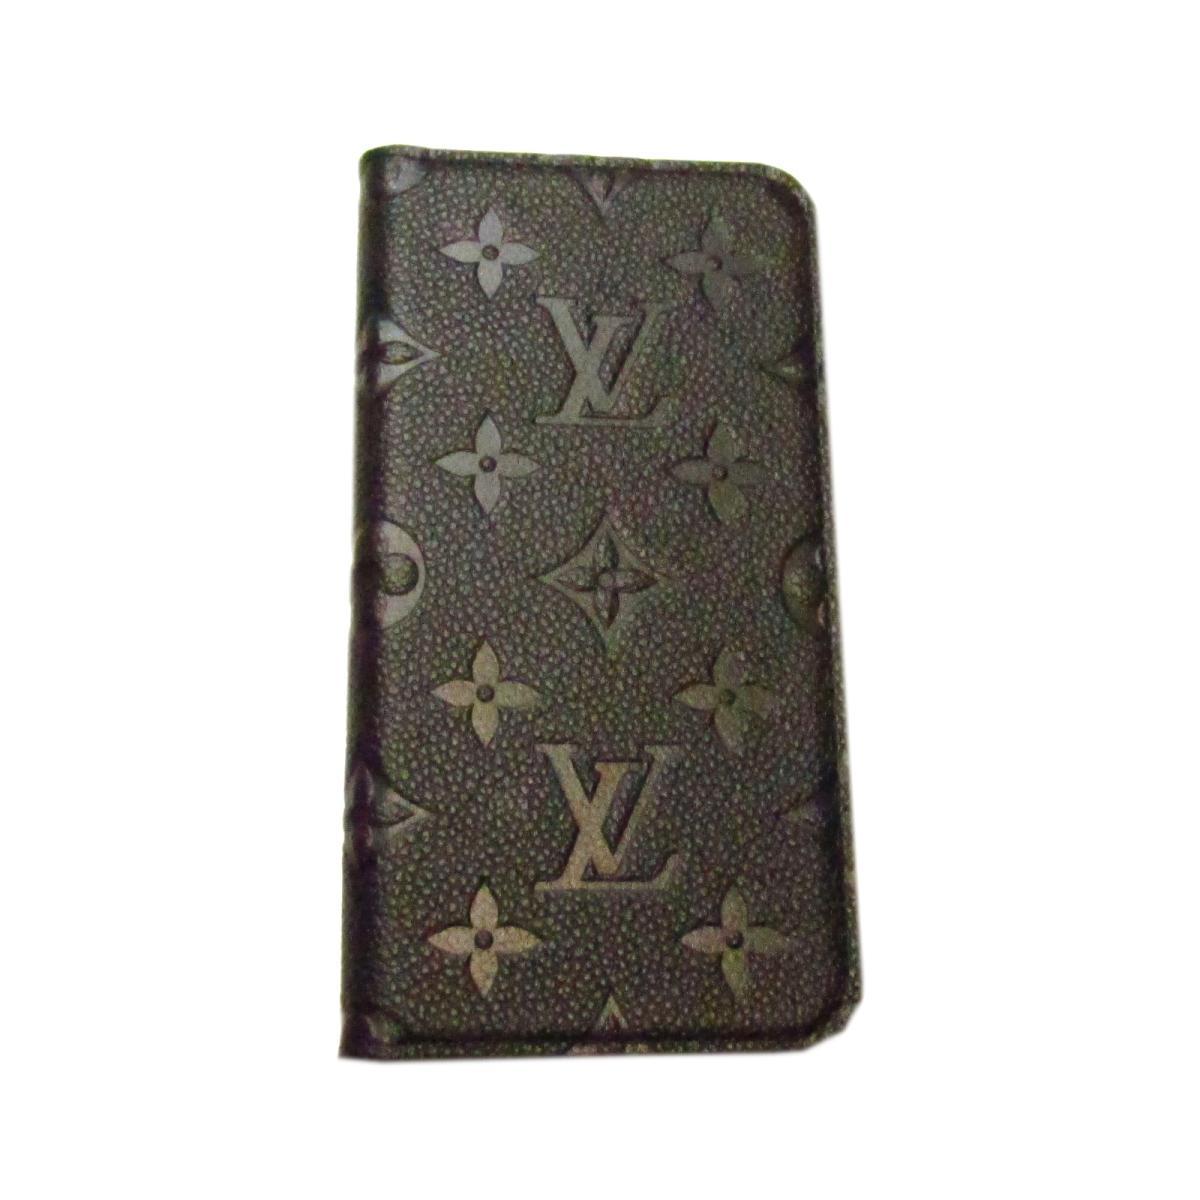 ルイヴィトン アイフォンXRフォリオ スマートフォンケース 財布 メンズ レディース モノグラム・アンプラント ノワール (M67492) | LOUIS VUITTON BRANDOFF ブランドオフ ヴィトン ビトン ルイ・ヴィトン スマートフォン カバー ケース